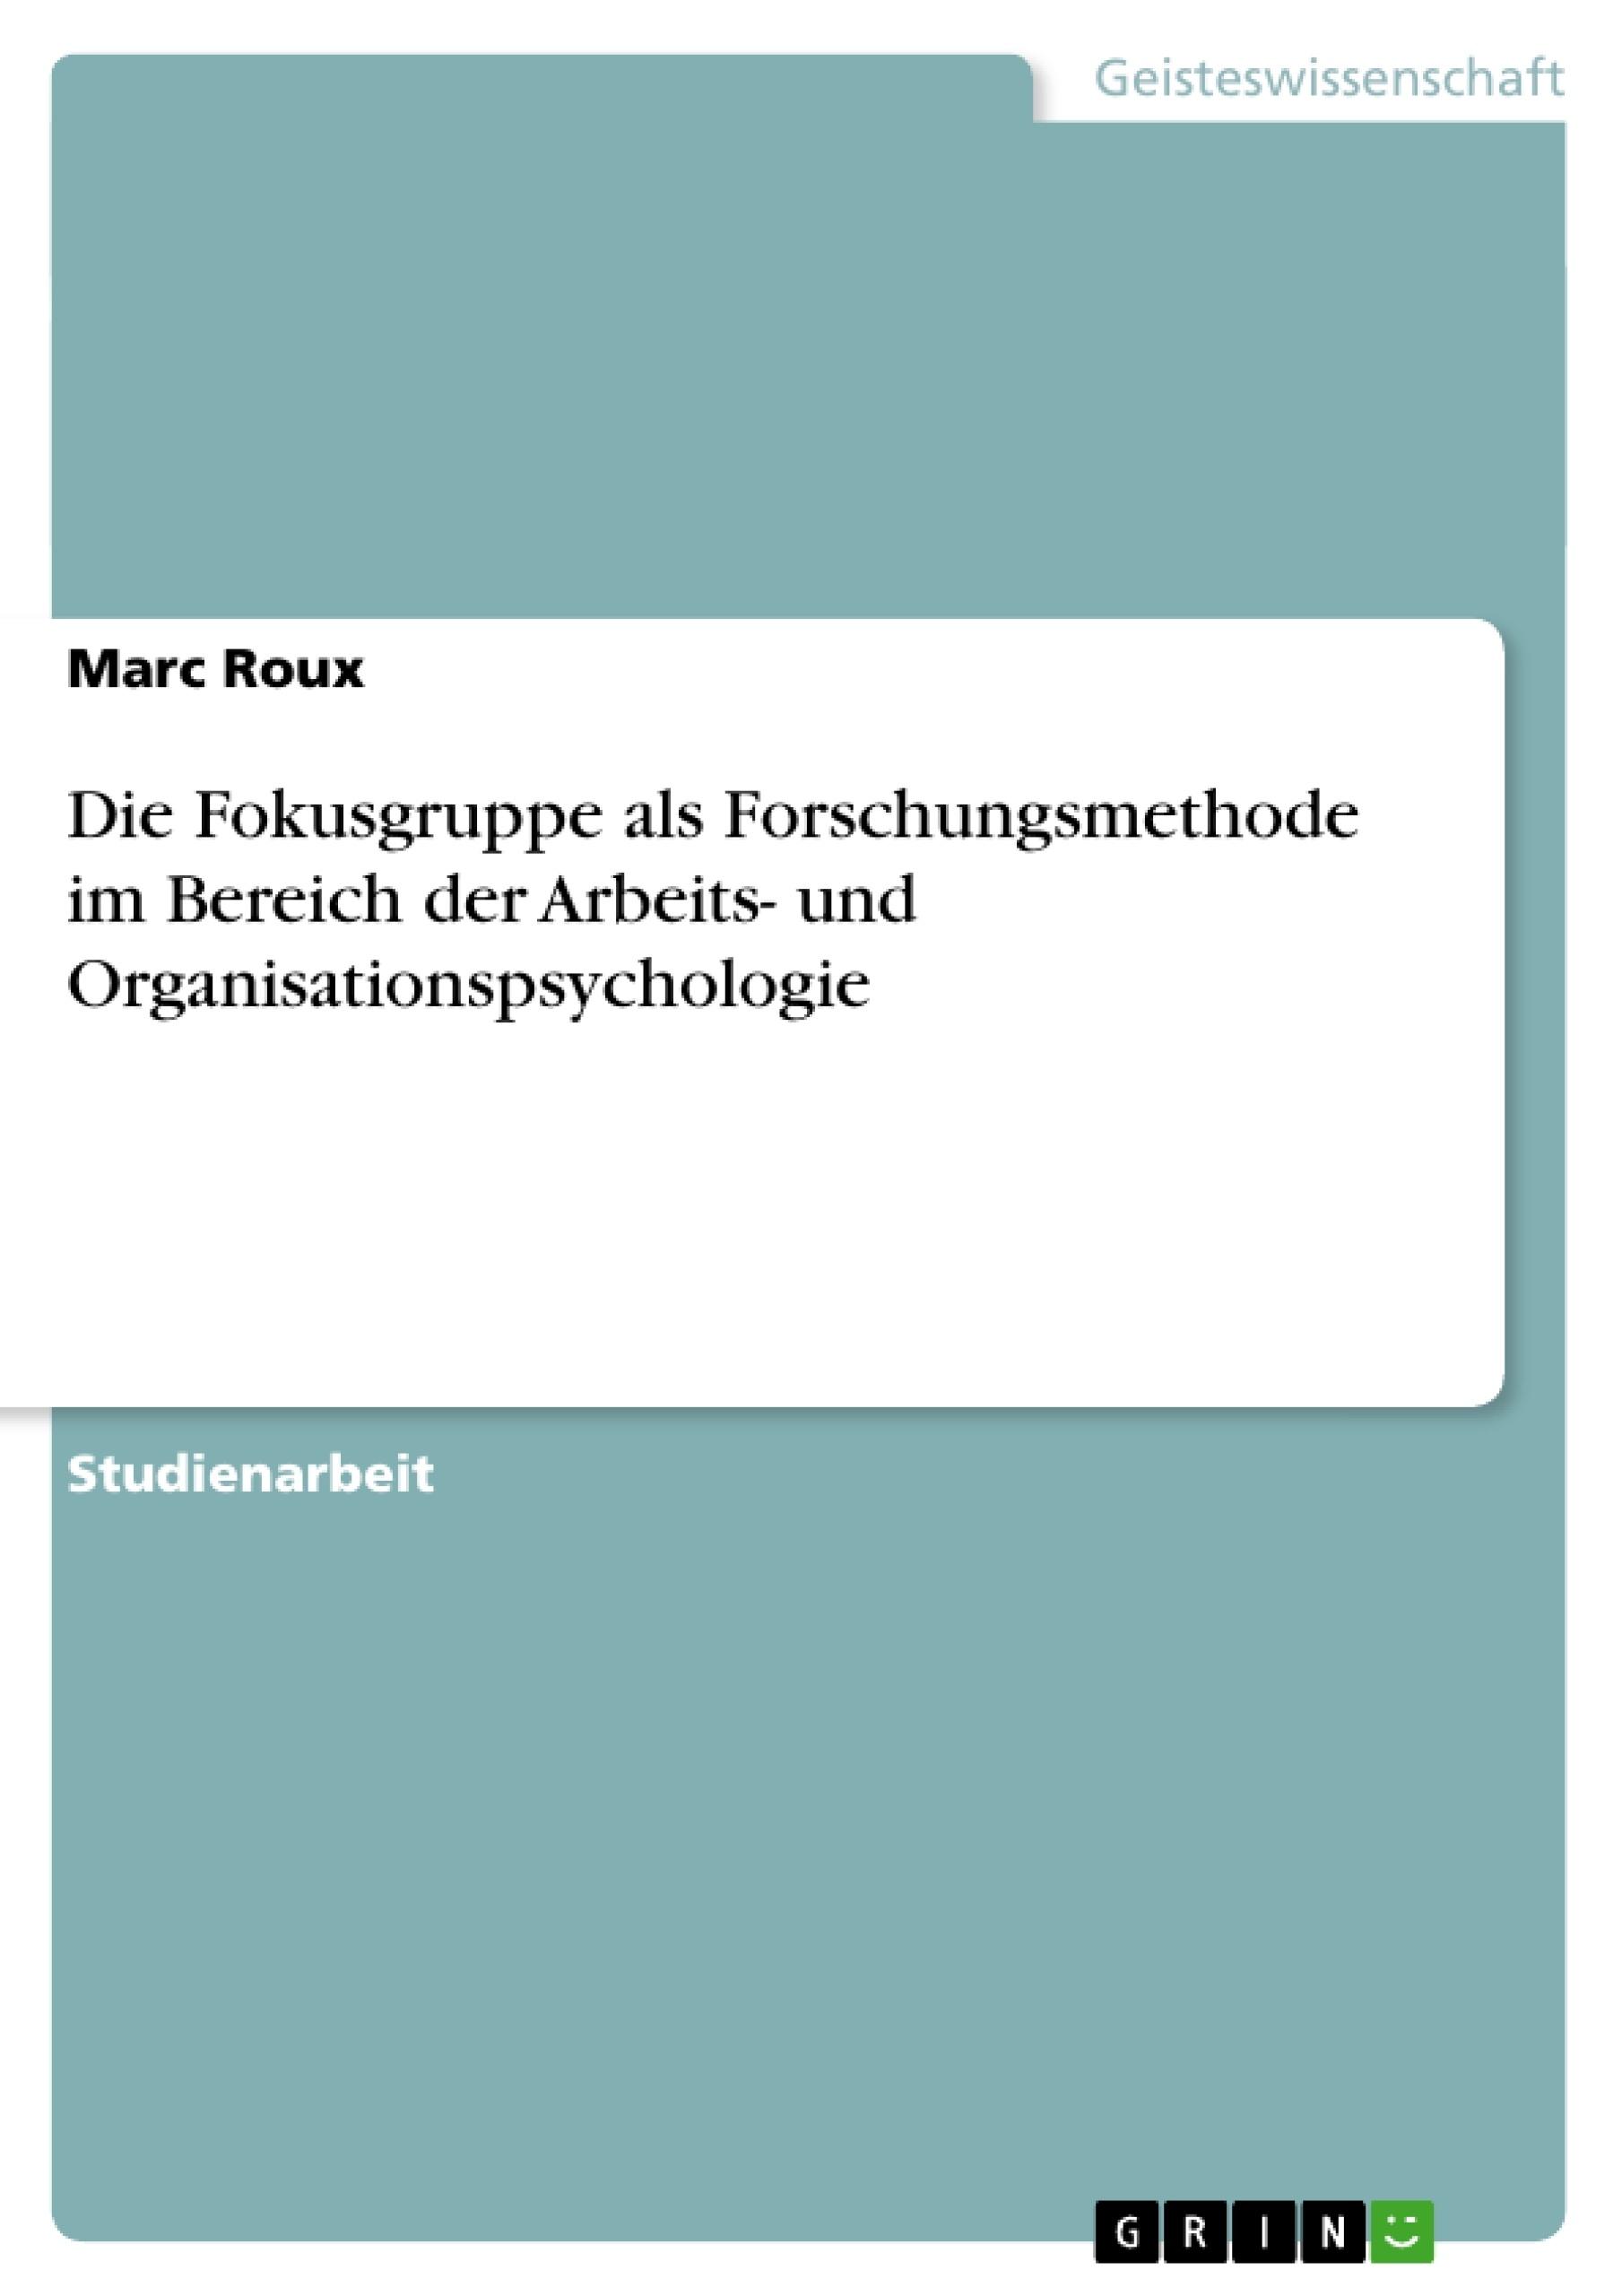 Titel: Die Fokusgruppe als Forschungsmethode im Bereich der Arbeits- und Organisationspsychologie